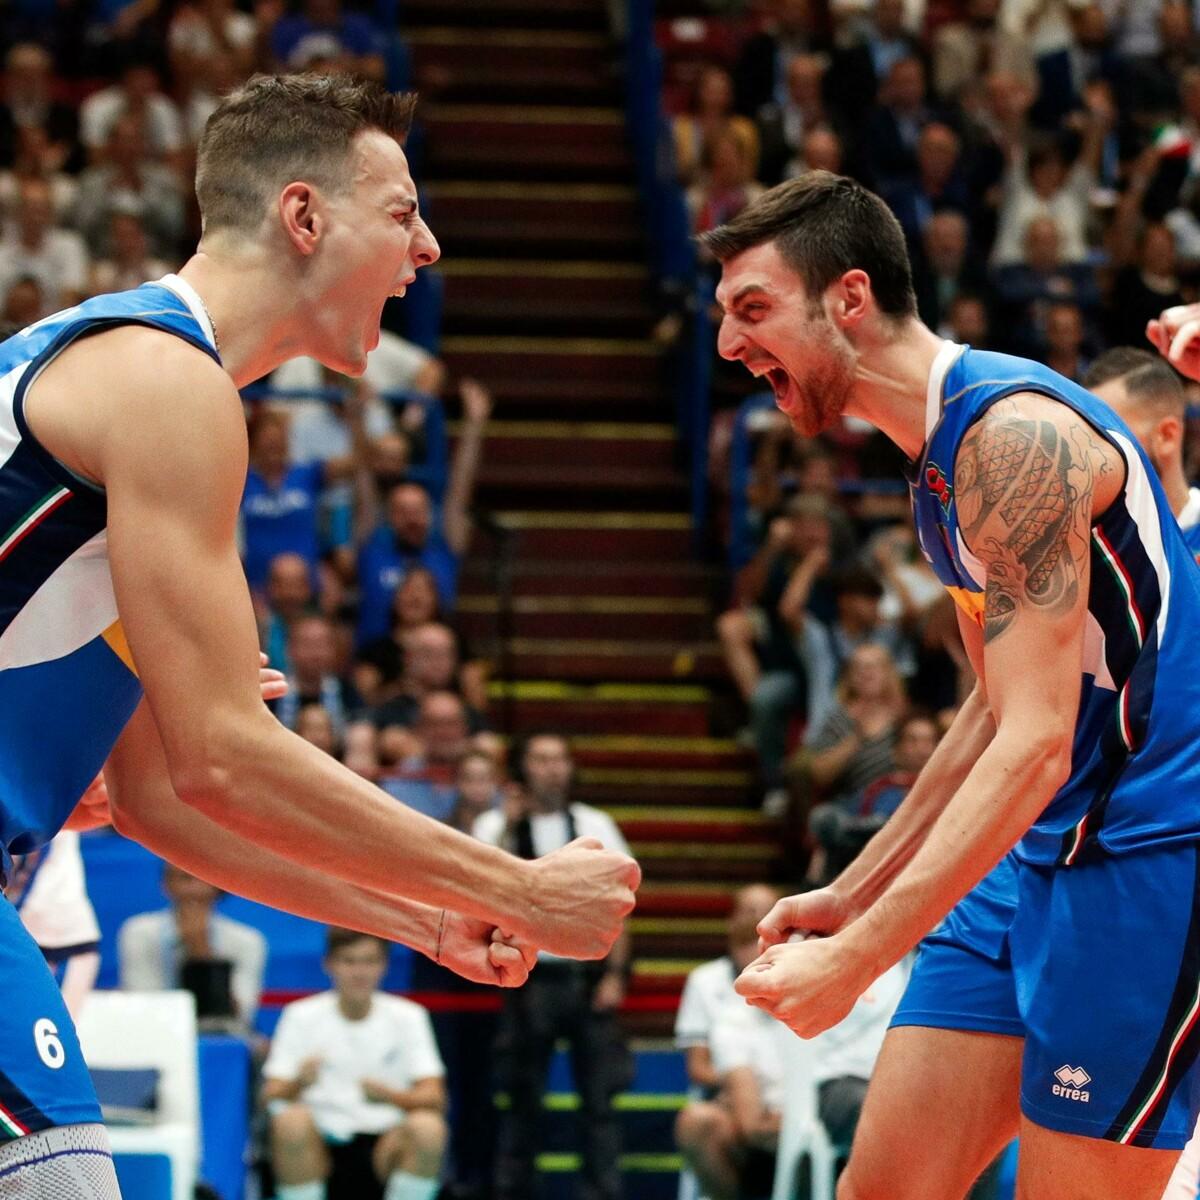 Volley Maschile, l'Italia trionfa agli Europei: battuta la Slovenia al tie-break